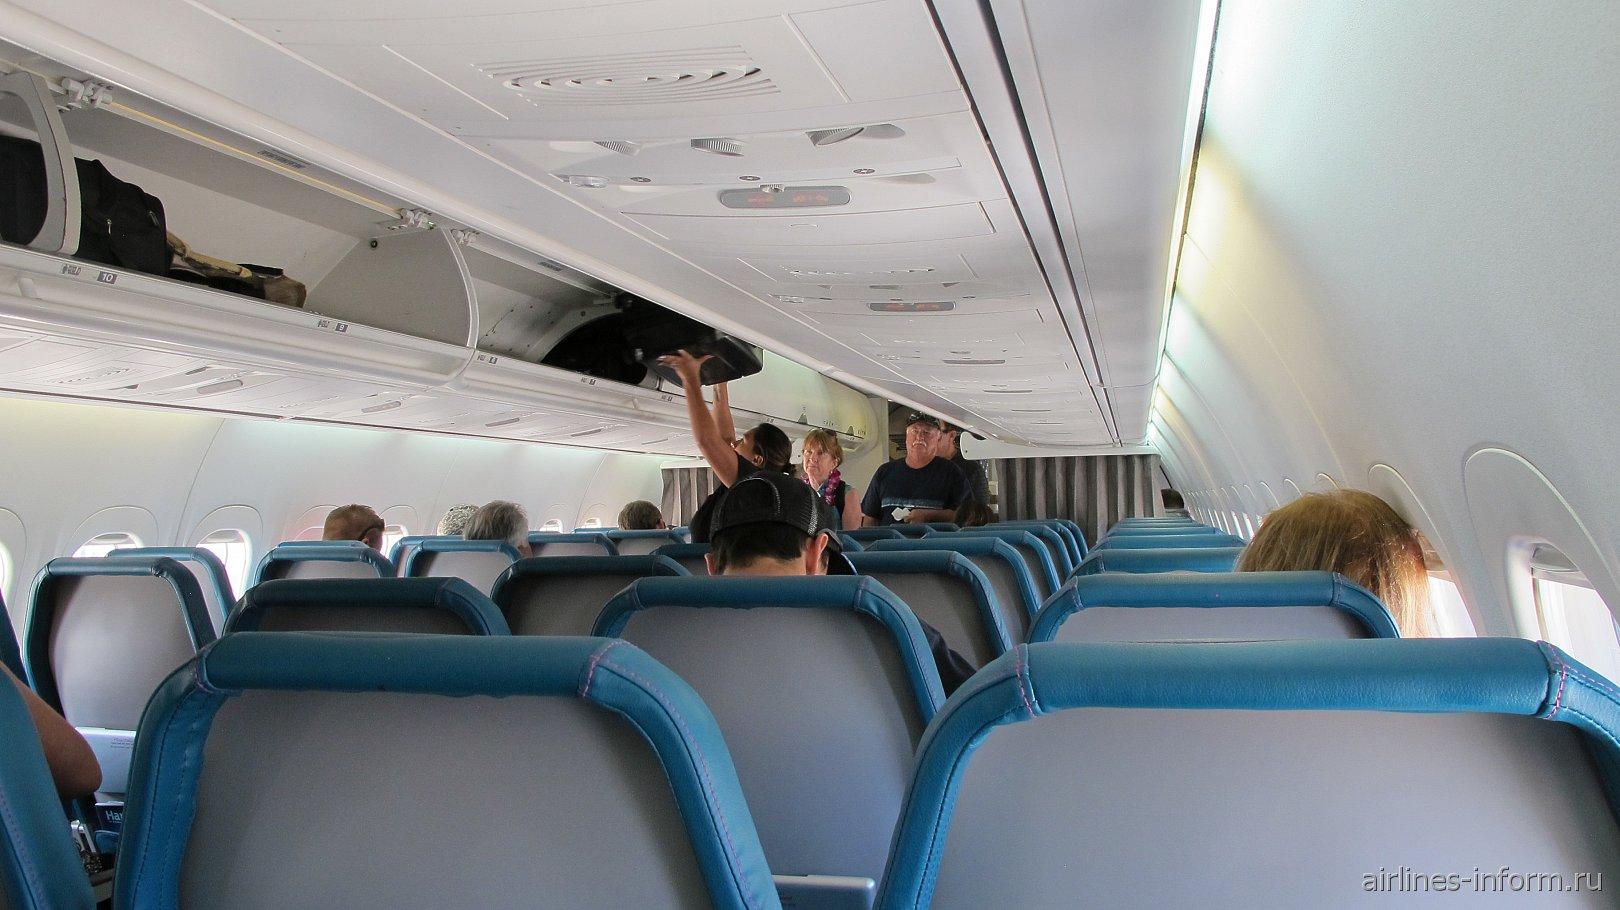 Пассажирский салон самолета Боинг-717 Гавайских авиалиний